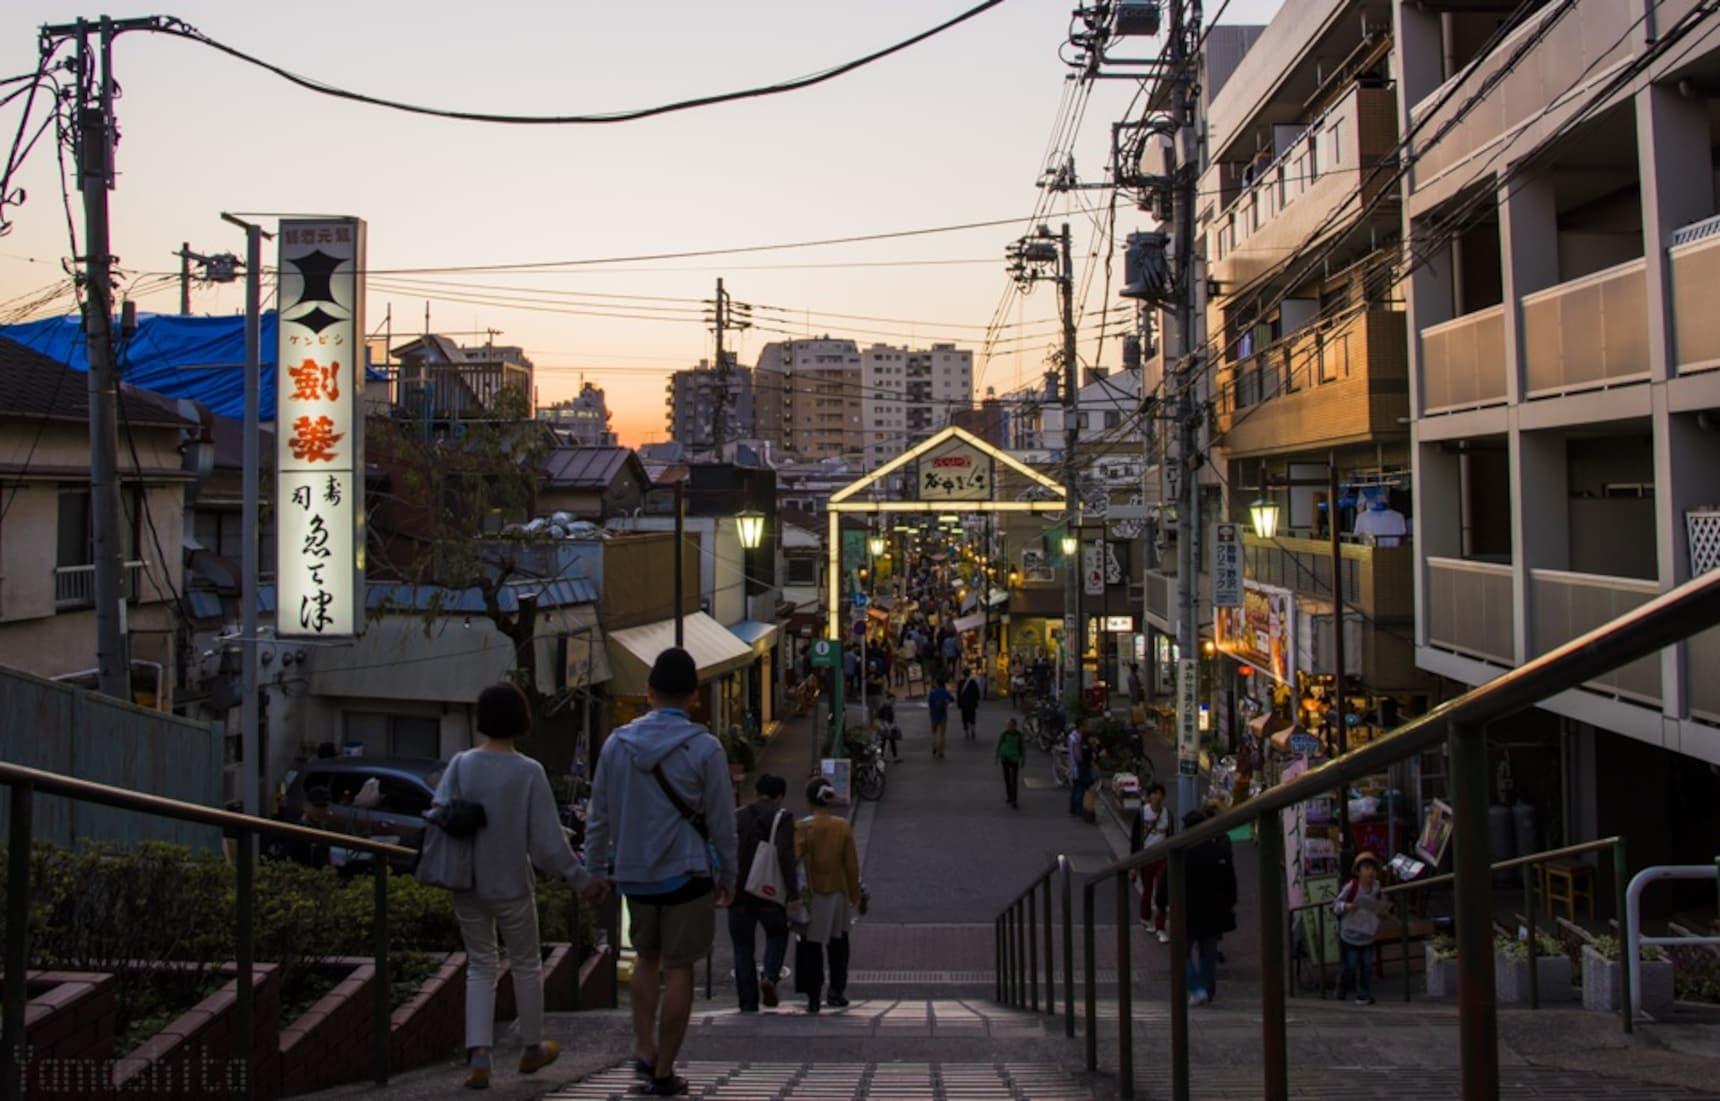 เที่ยว Yanaka Ginza ย่านลับแห่งโตเกียว